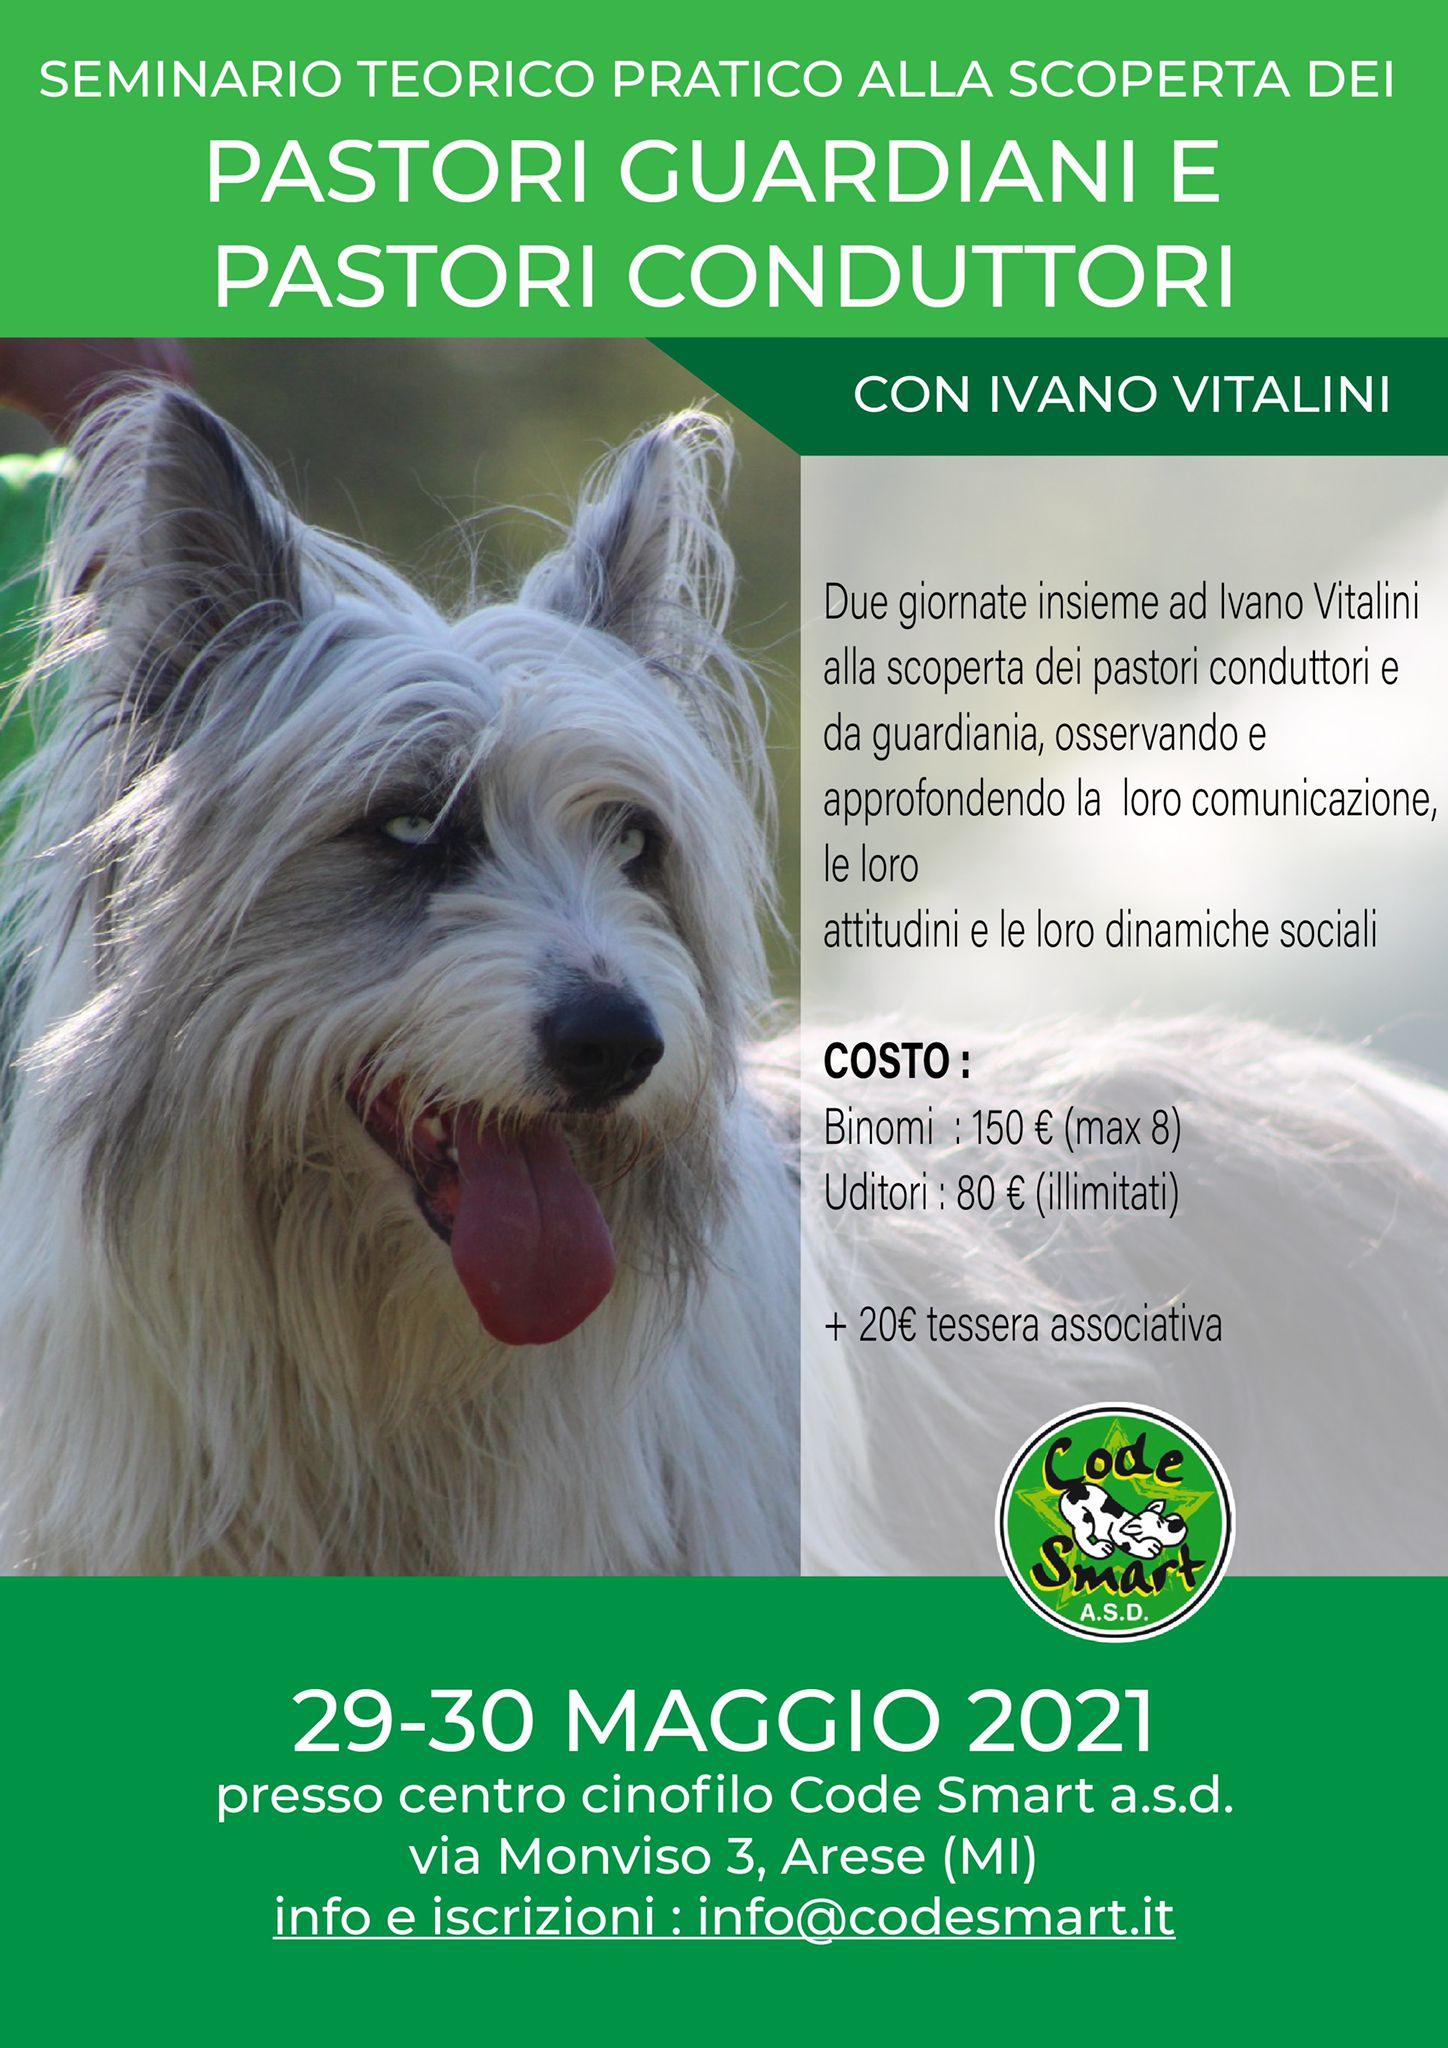 ARESE (Milano) 29-30 Maggio 2021 - Pastori Guardiani e Pastori Conduttori con Ivano Vitalini